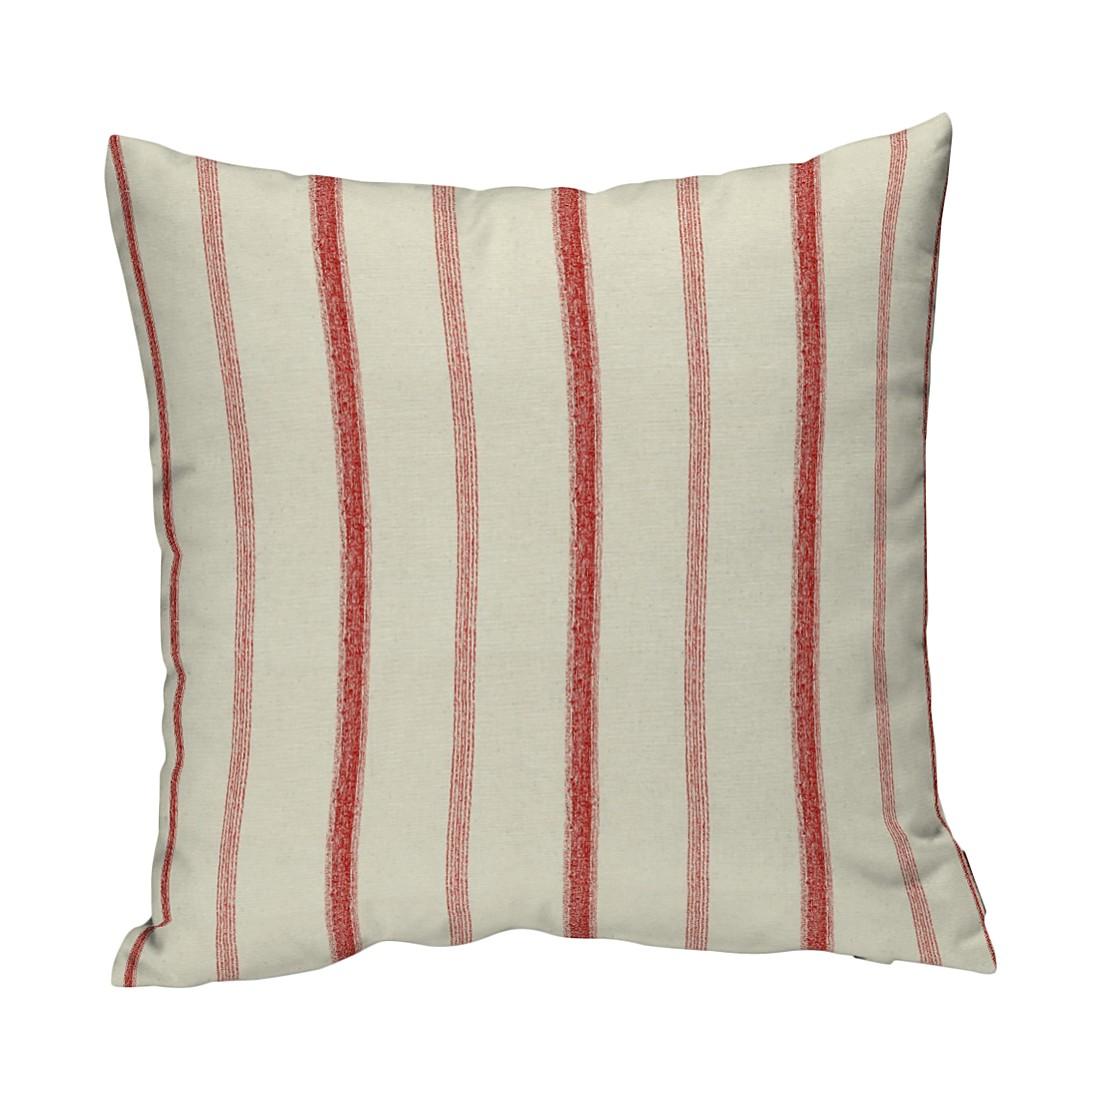 Kissenhülle – Creme/Rot Streifen – 43×43 cm, Dekoria jetzt bestellen